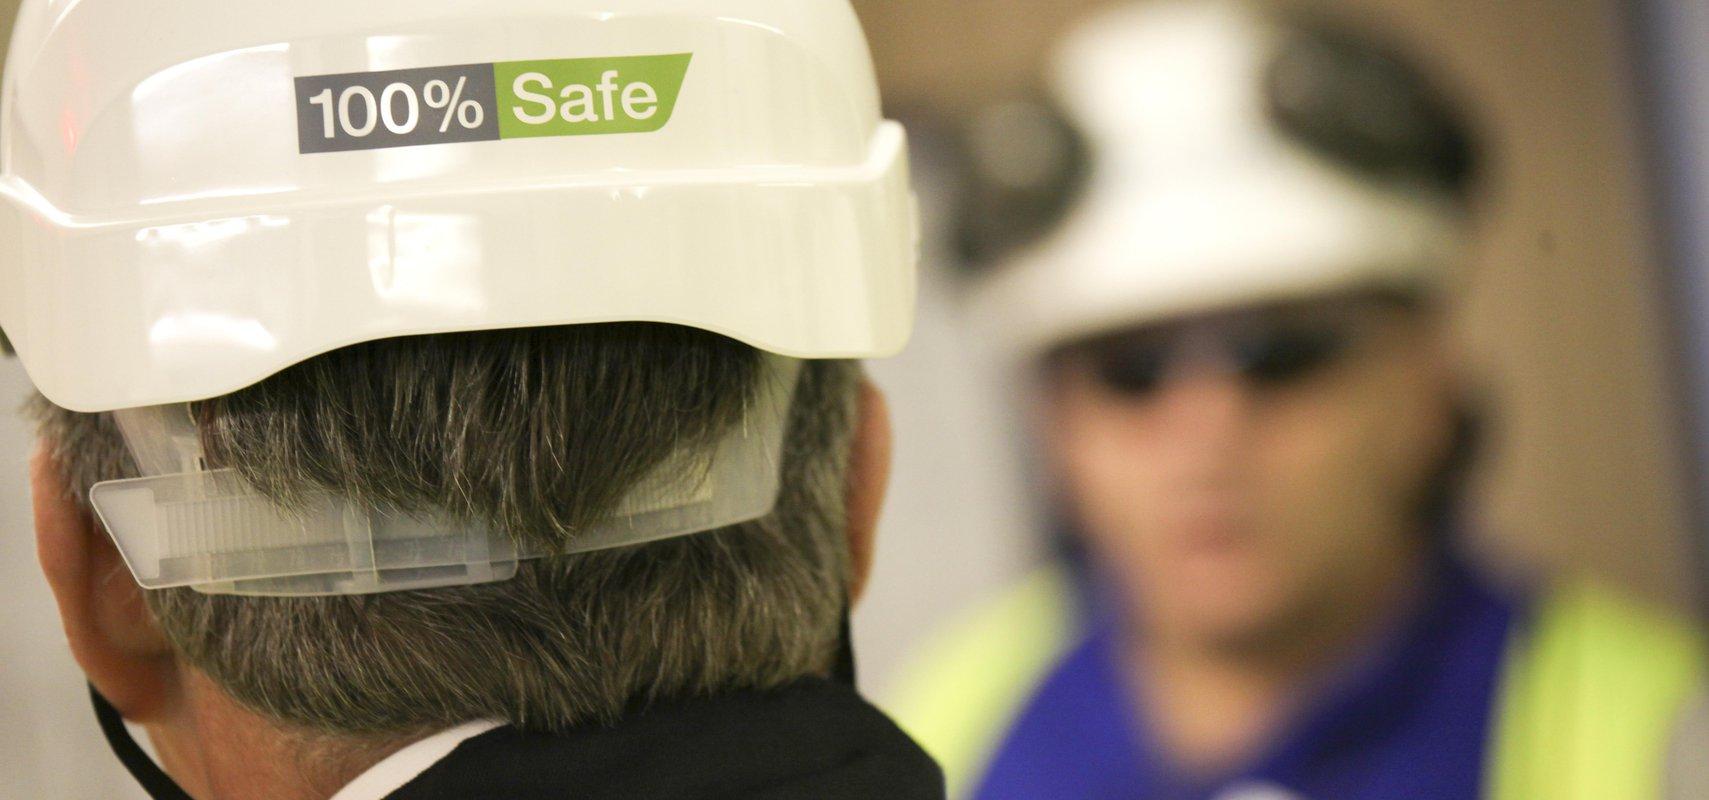 Individual wearing hard hat showing 100% safe